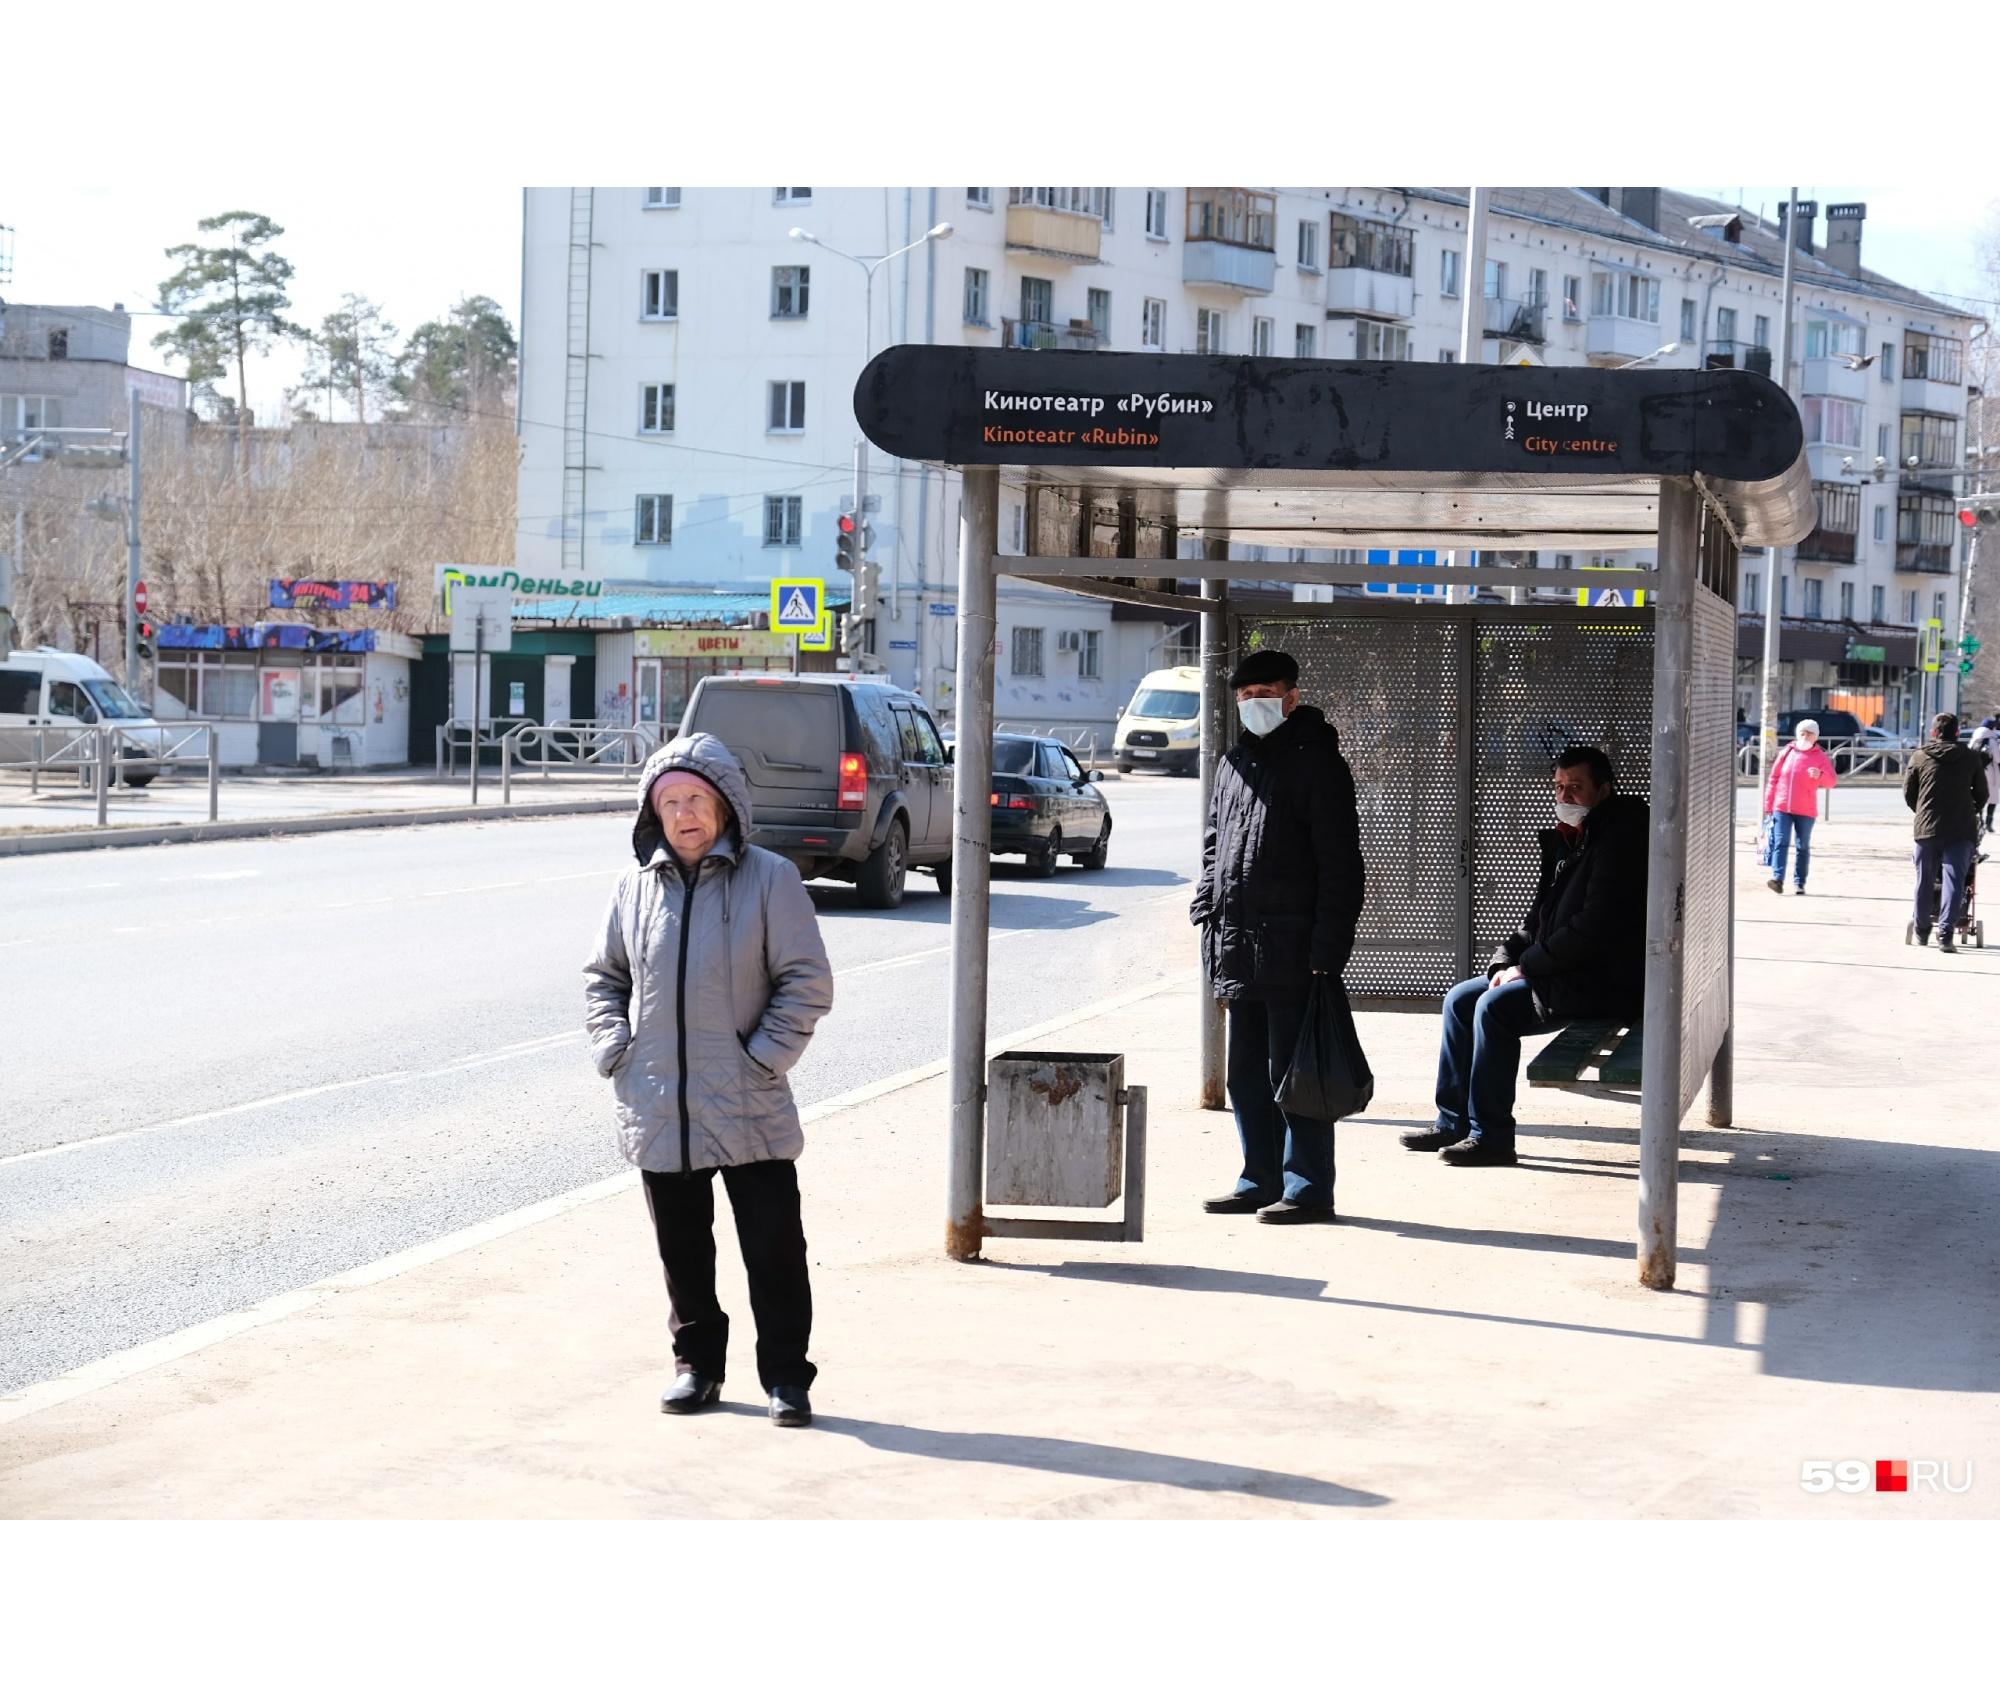 Интересно, эта женщина поедет в автобусе без маски?